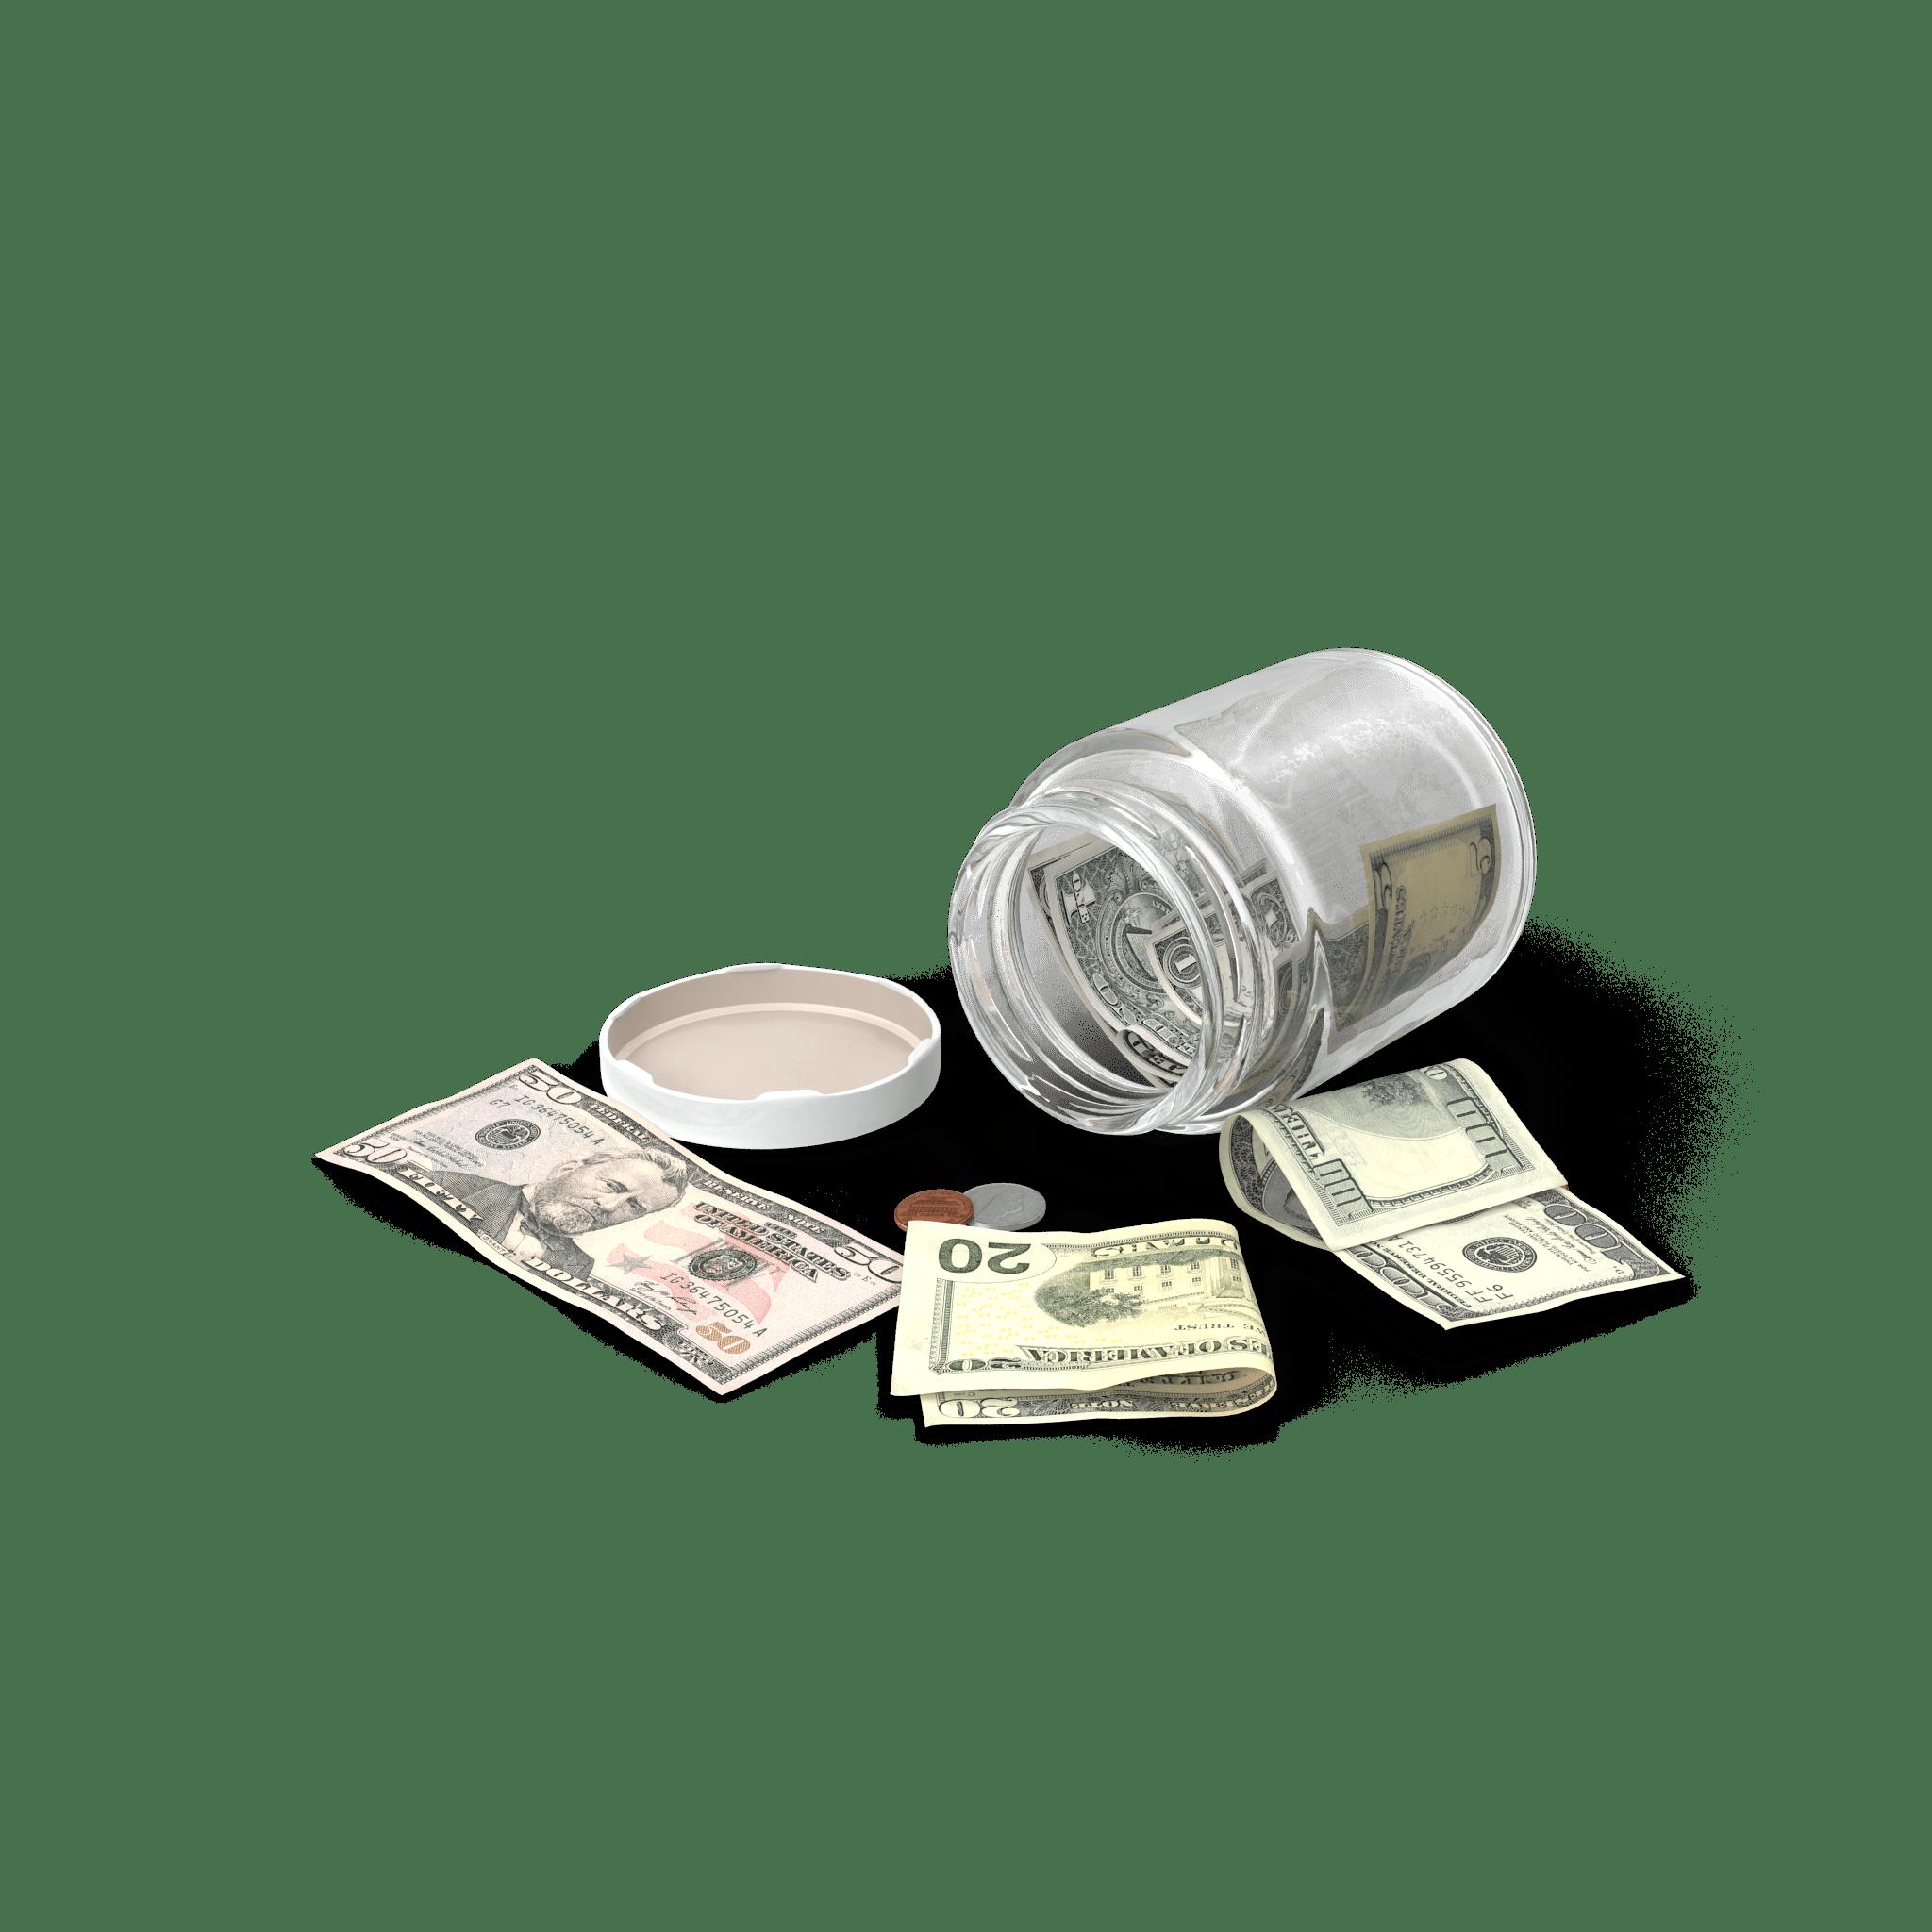 Utilizar el método de los tarros para ahorrar dinero rápidamente